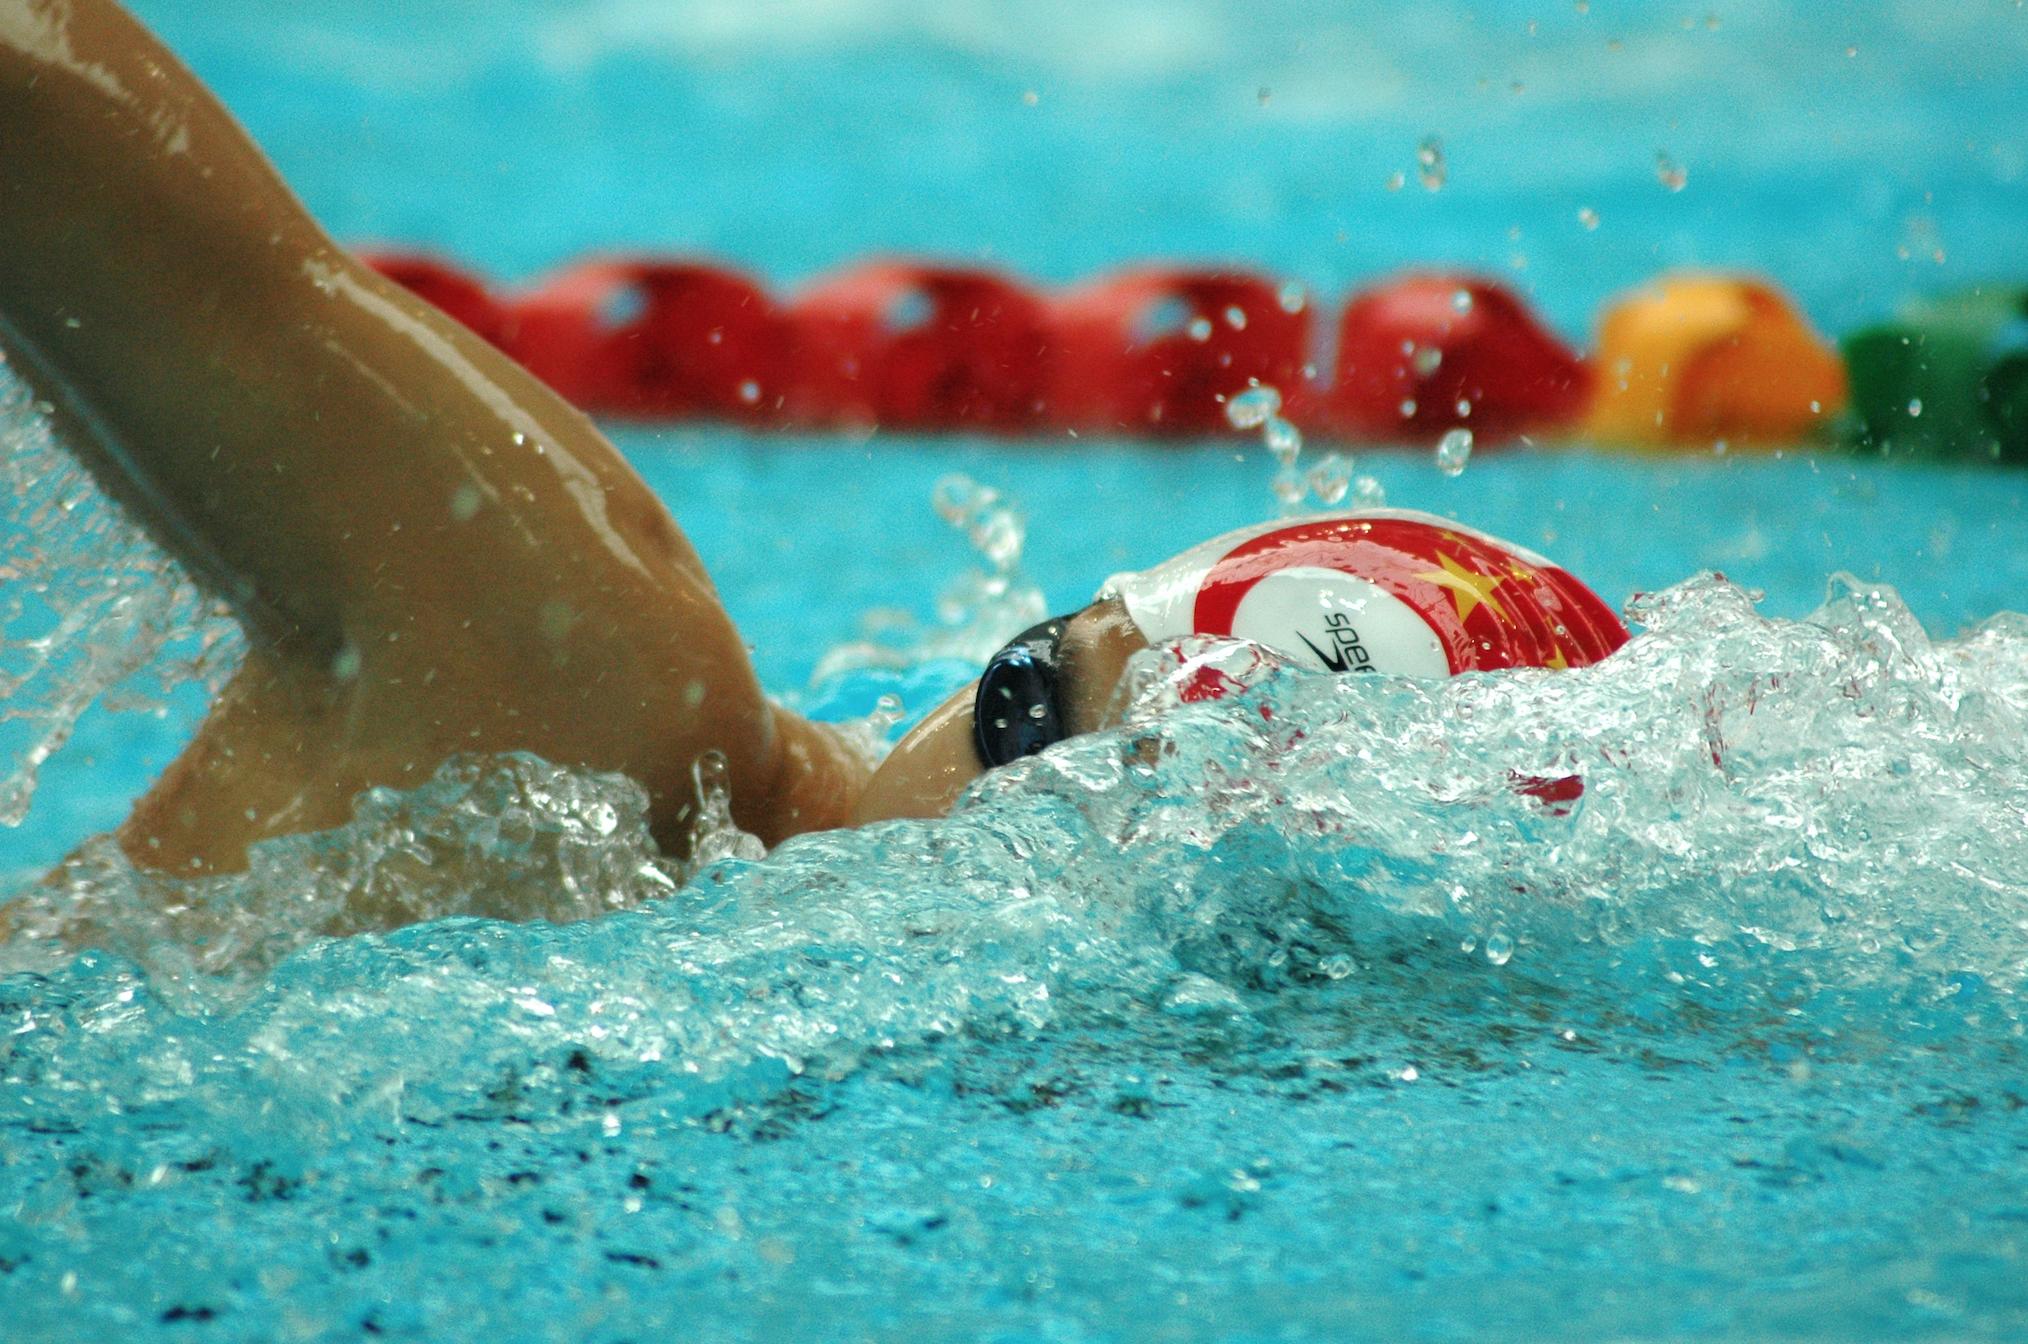 natation-piscine-centre-aquatique